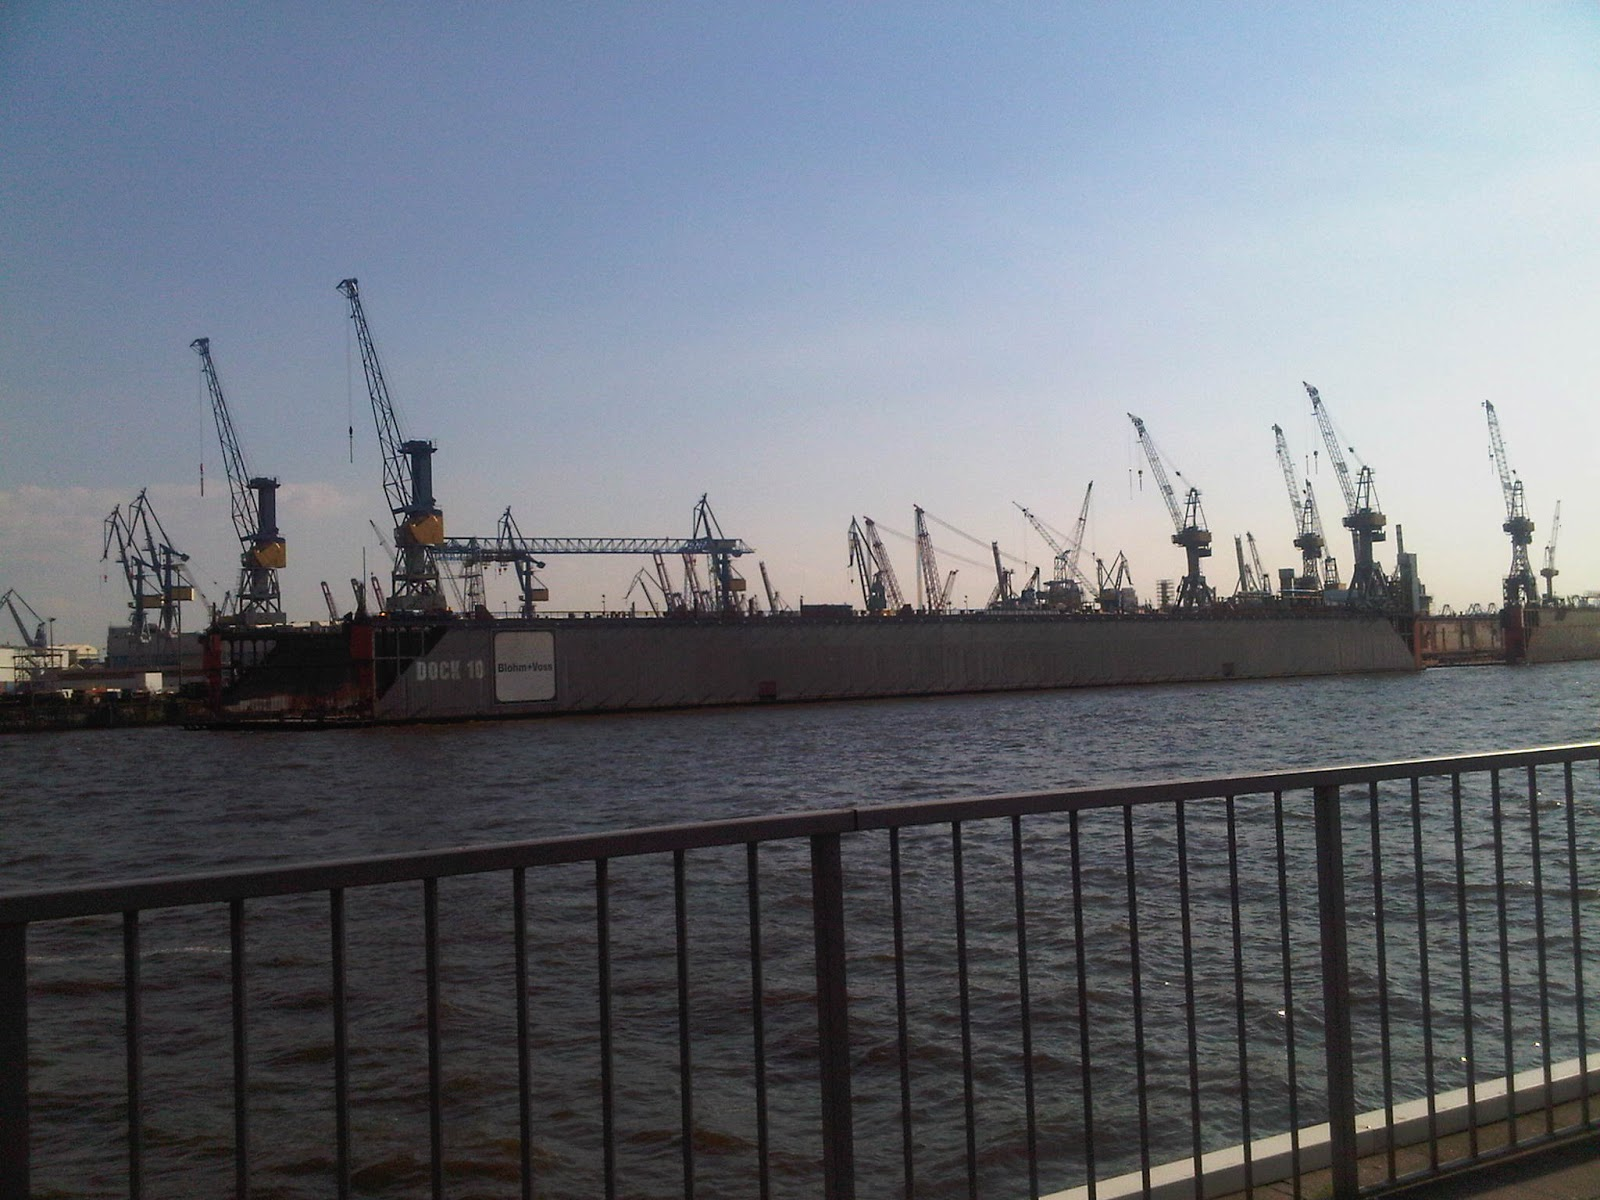 Hamburger Hafen und Dock 10 von den Landungsbrücken aus